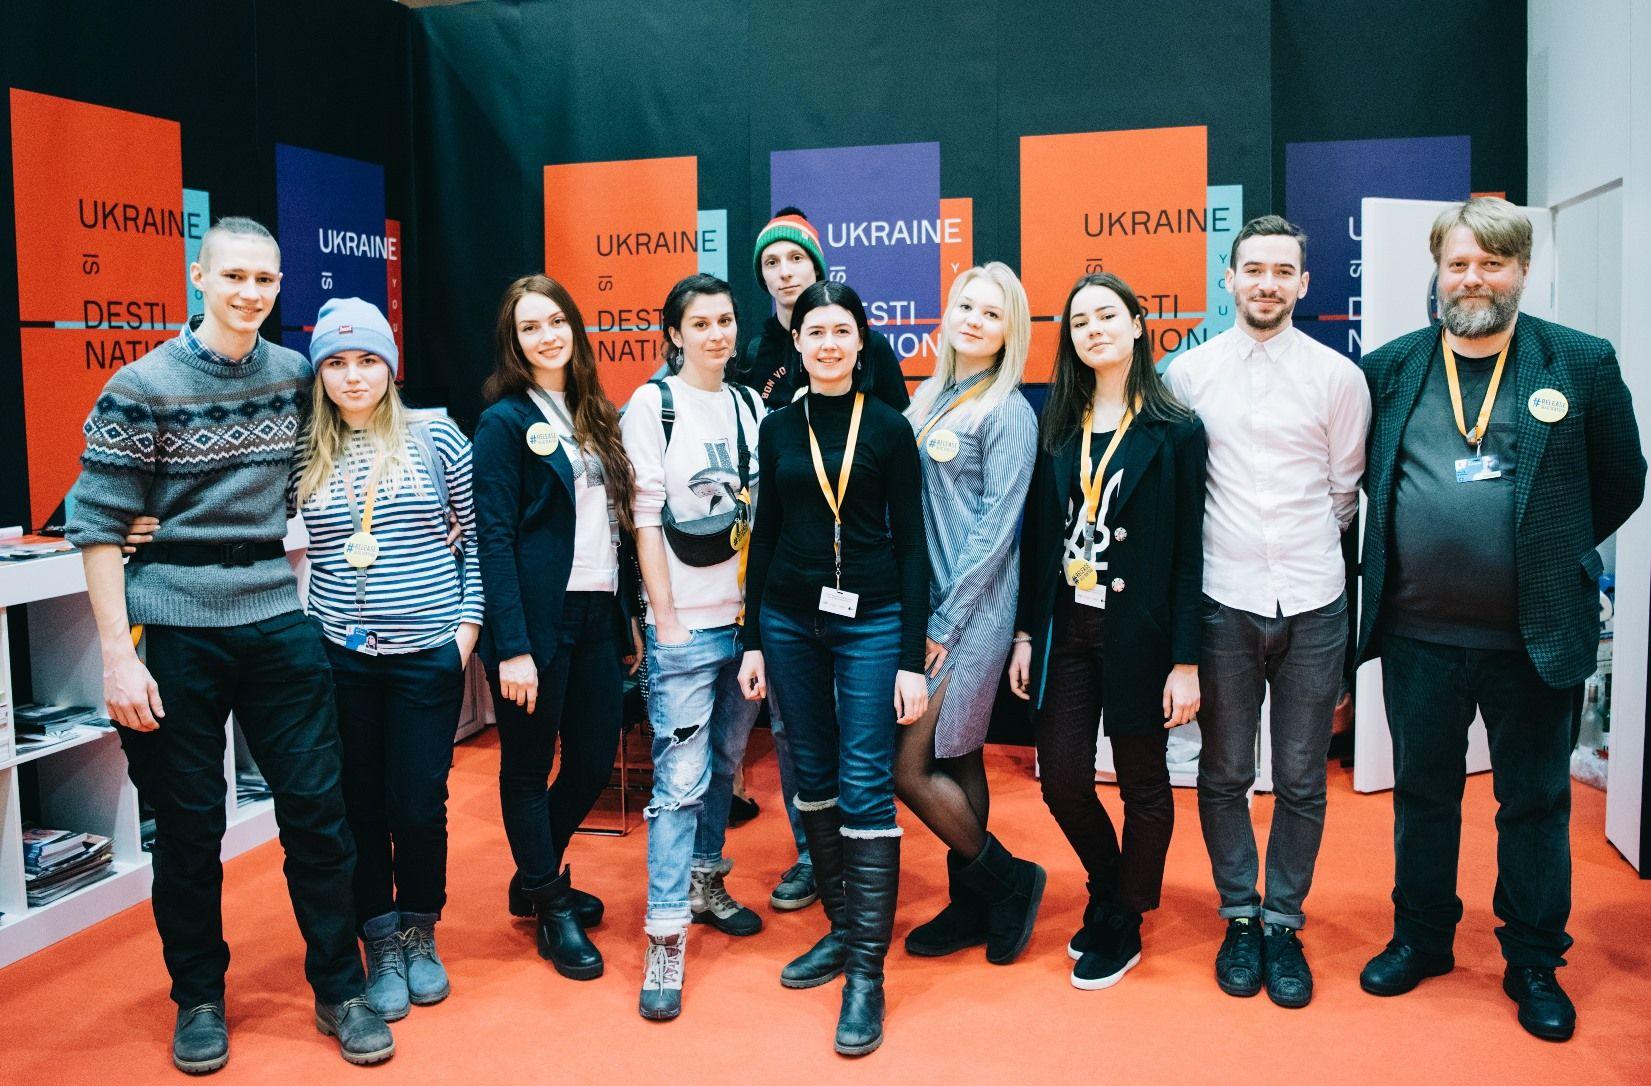 Украинский стенд – студенты института Карпенко-Карого и съемочная группа фильма